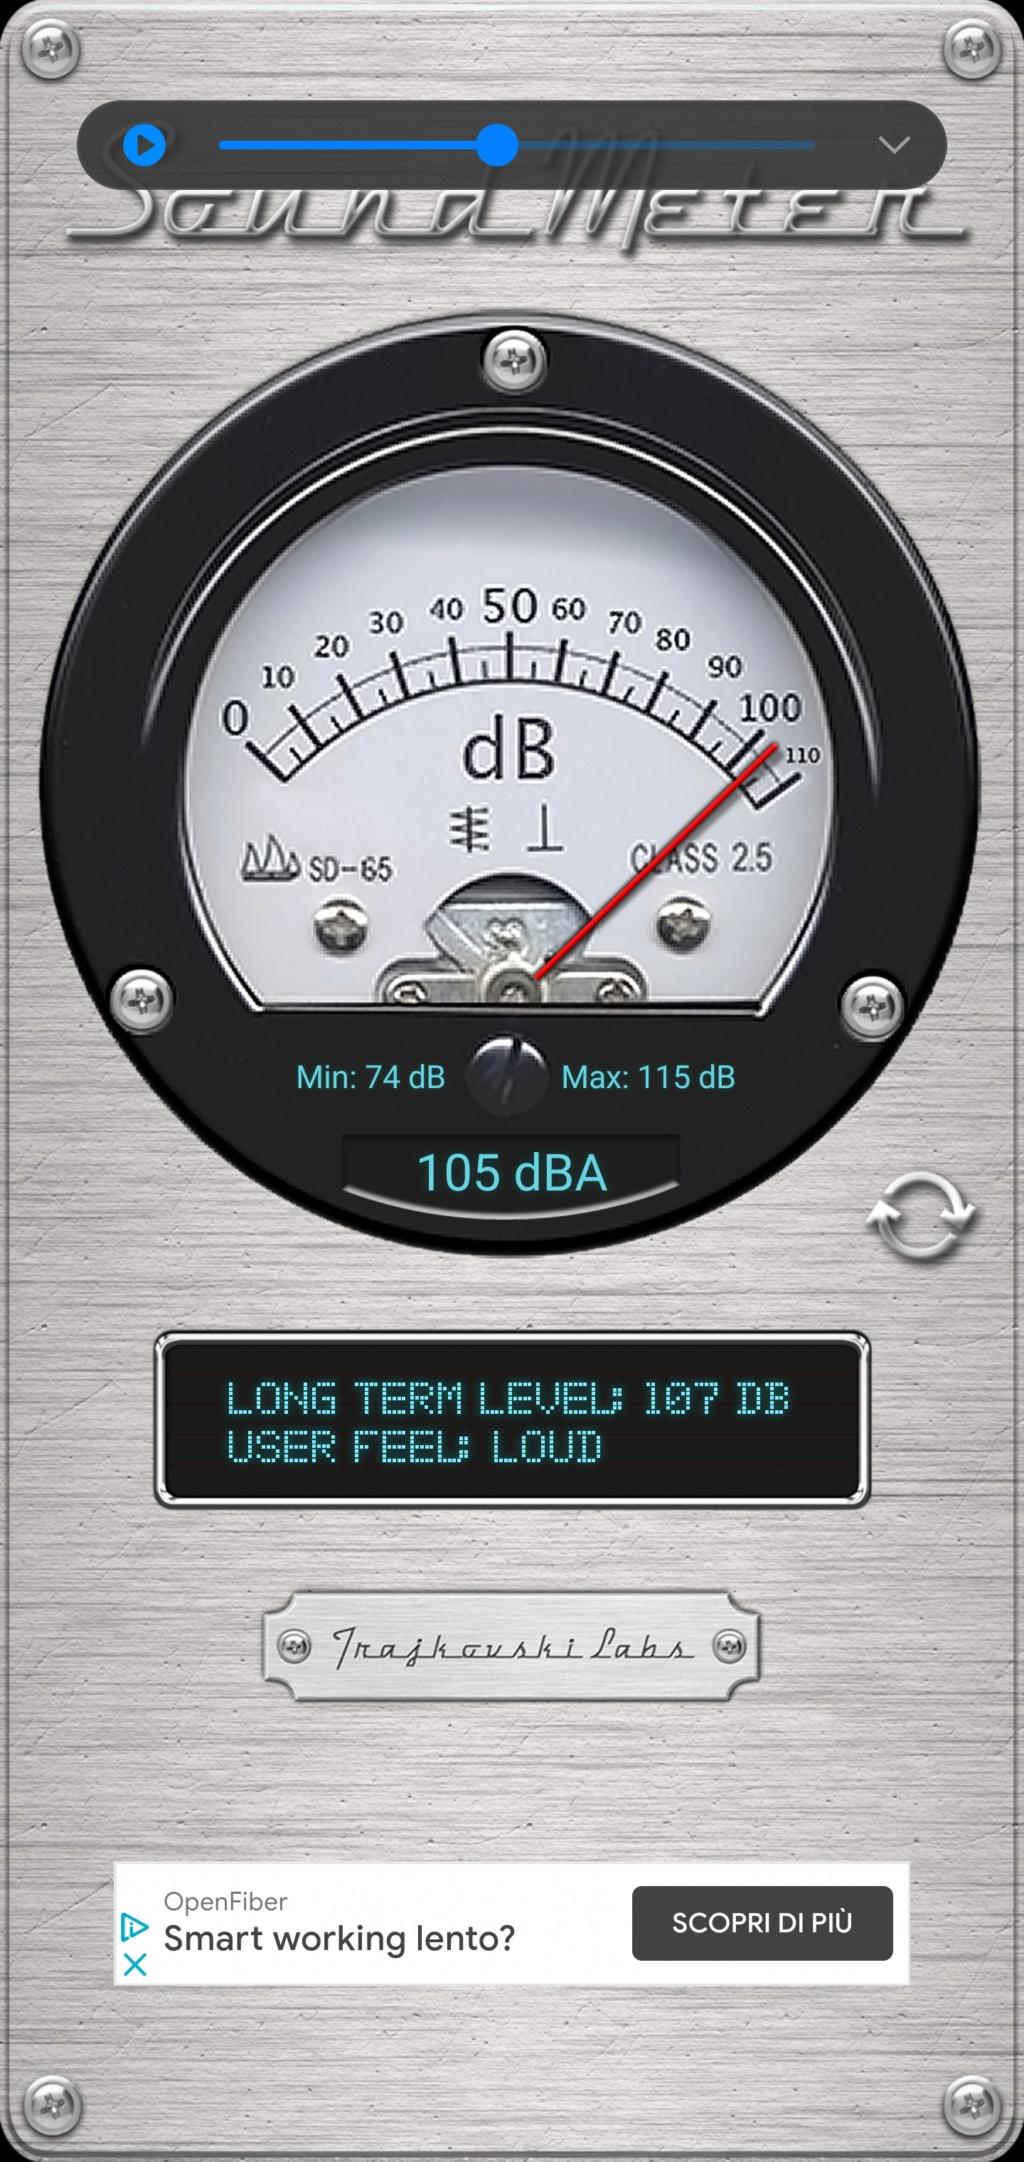 [ UBSOUND ] diffusori acustici - Discussione Thread Ufficiale - Pagina 18 Screen10